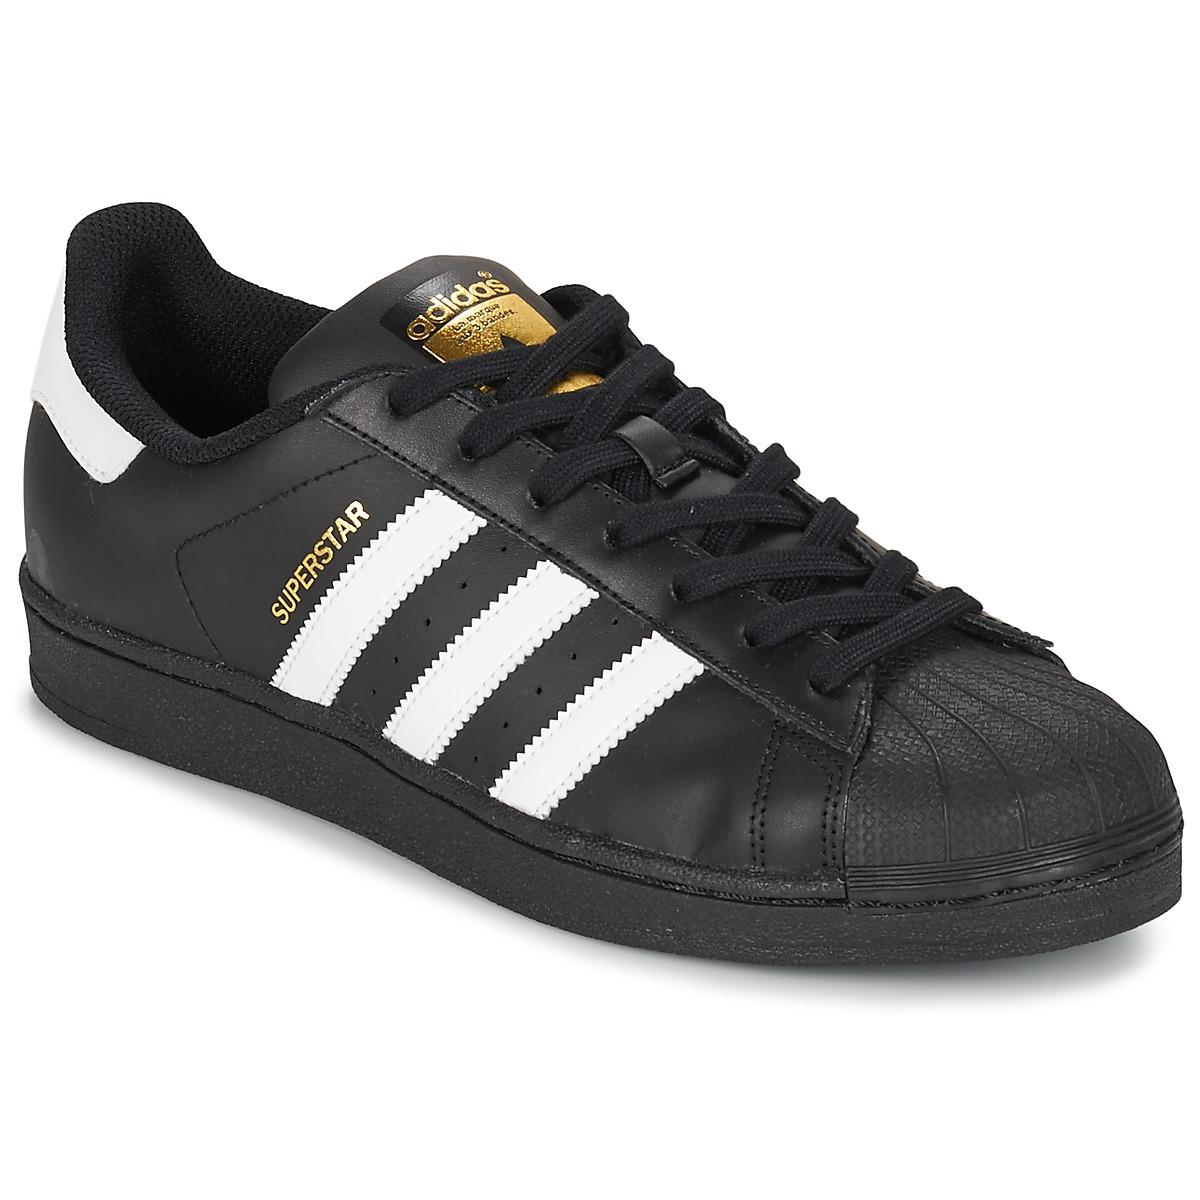 85d3fe28d0b adidas Originals SUPERSTAR FOUNDATION Branco   Preto - Entrega gratuita com  a Spartoo.pt ! - Sapatos Sapatilhas 86